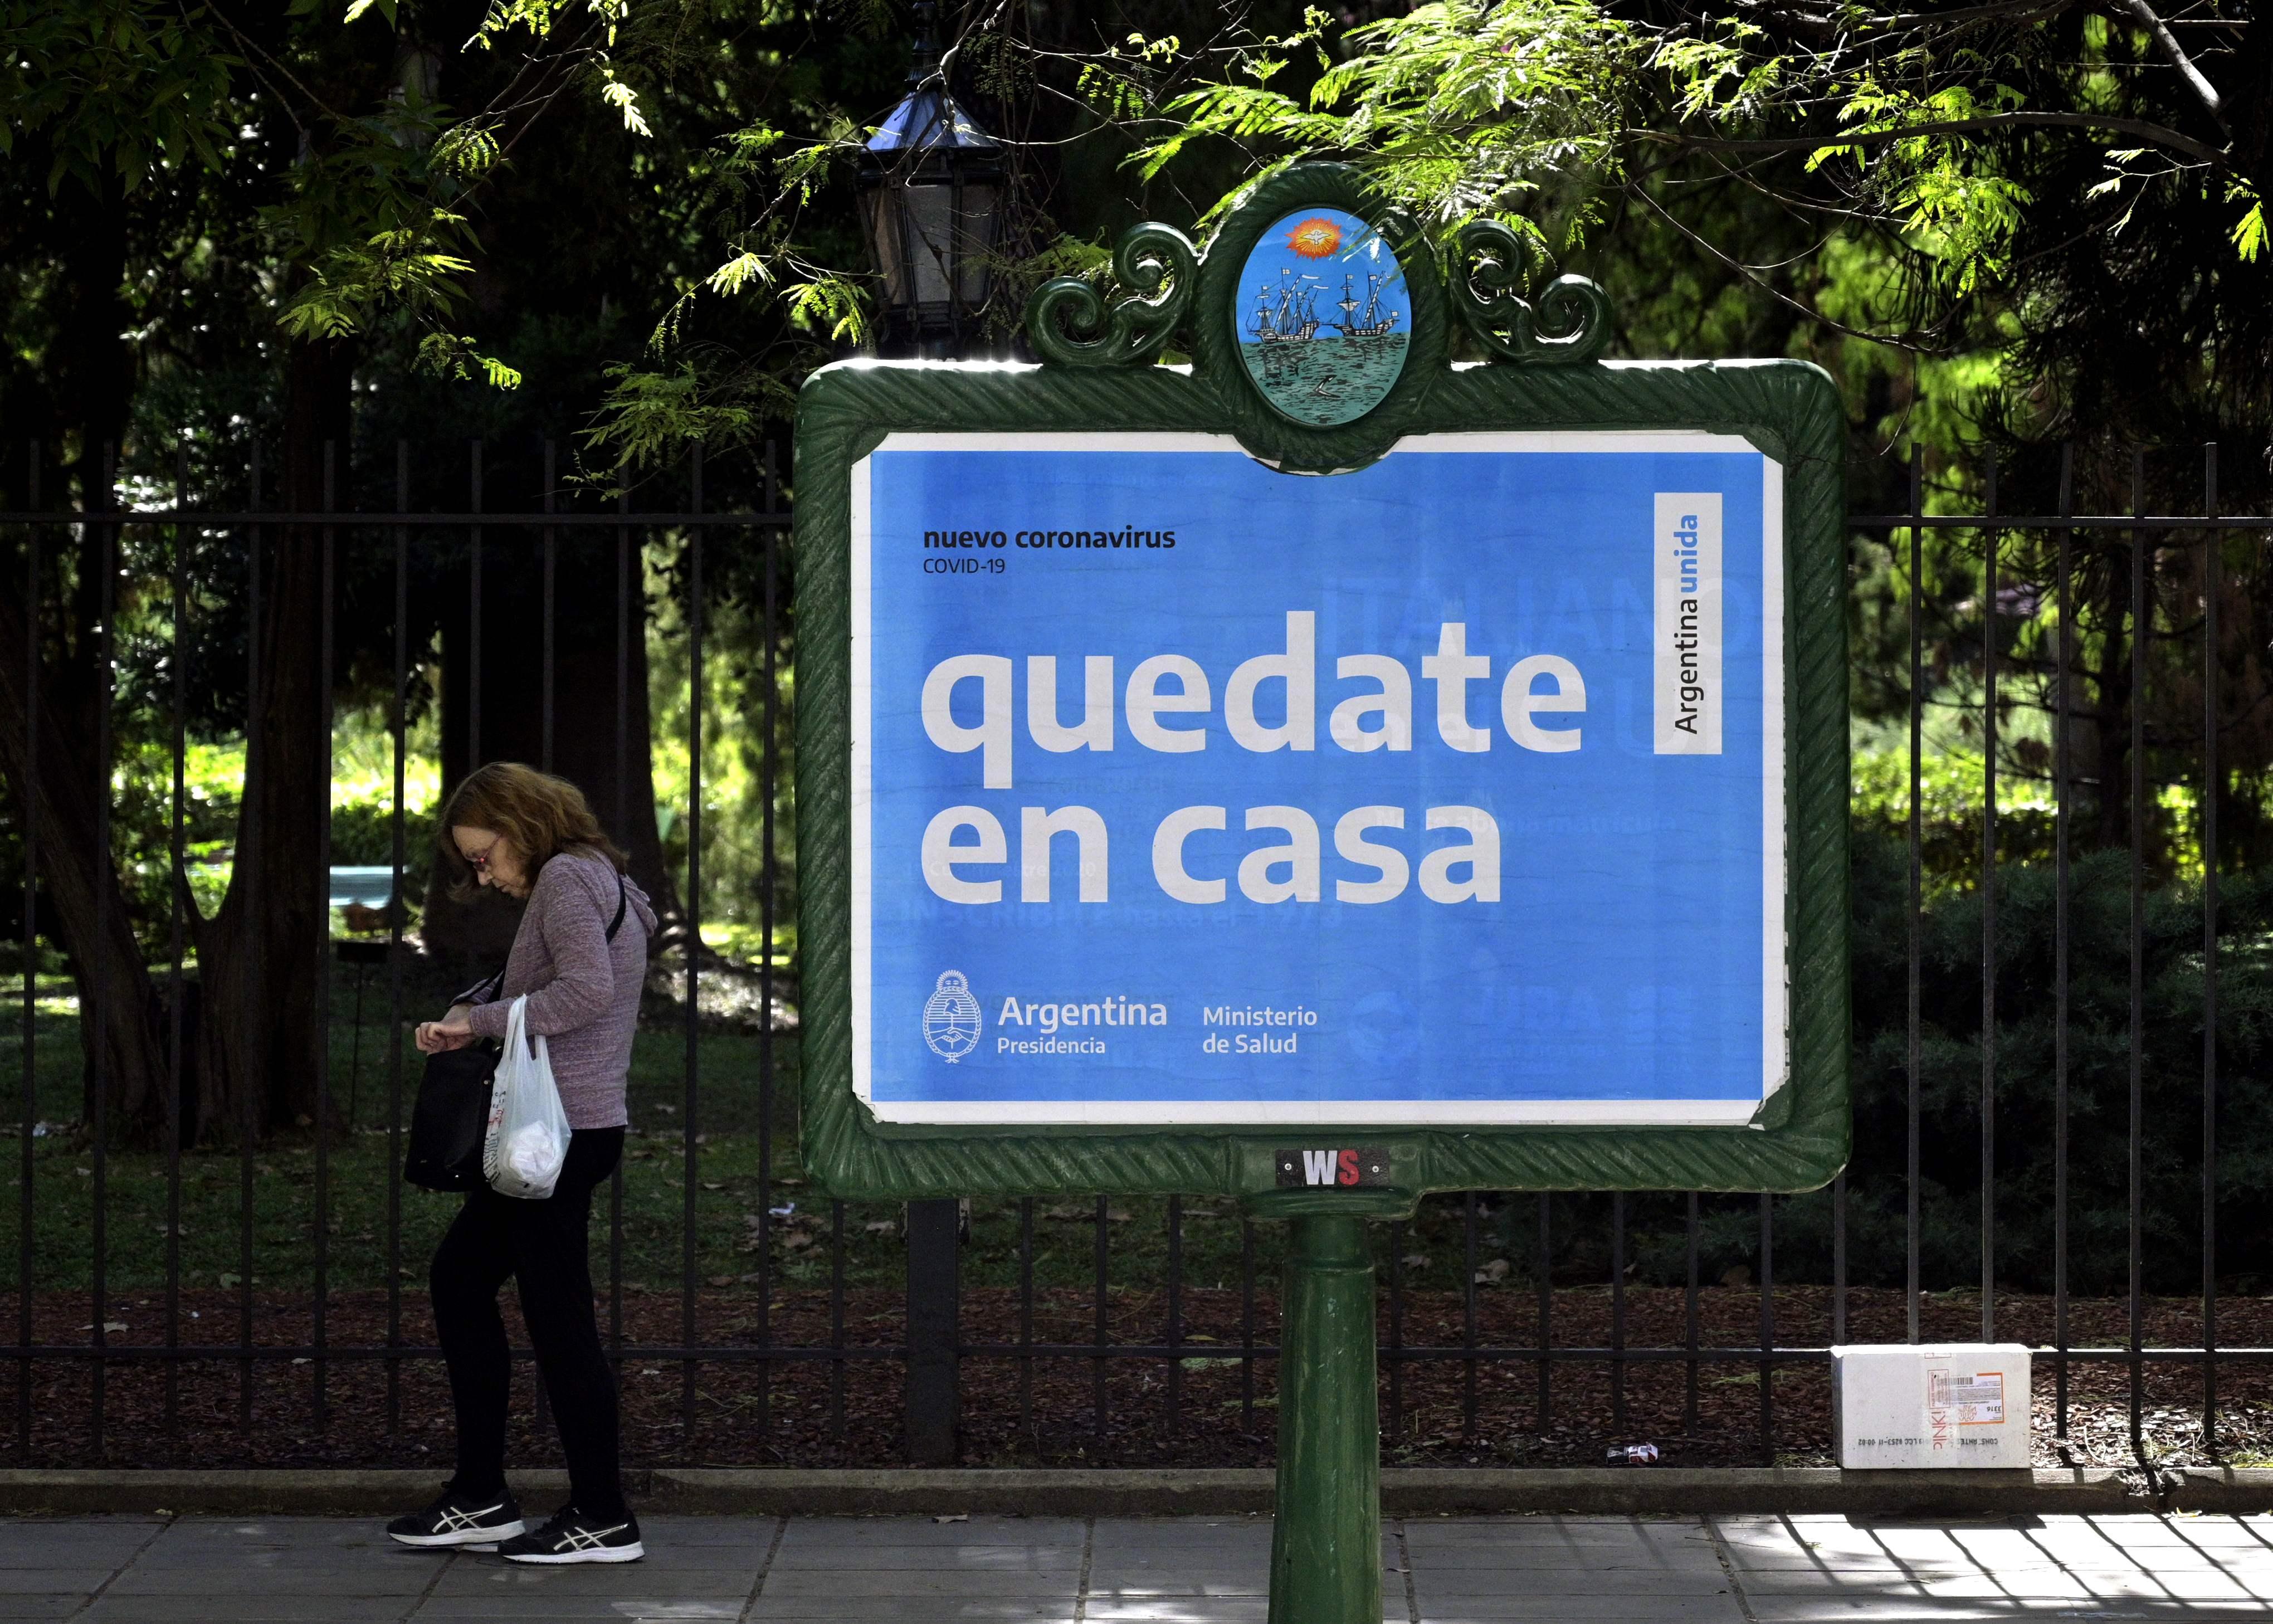 Argentina entra en cuarentena obligatoria hasta el 31 de marzo | Sociedad | EL PAÍS